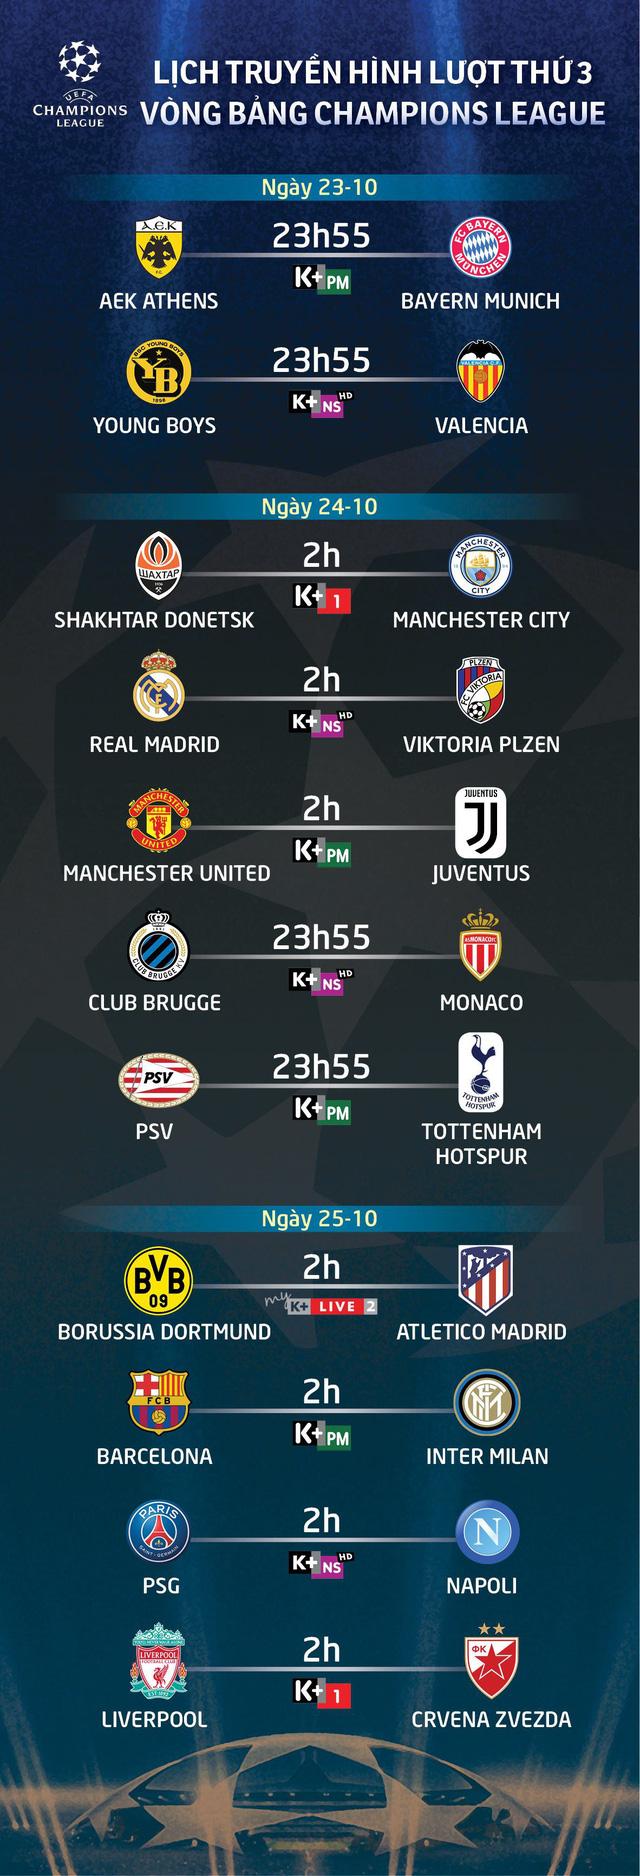 Lịch truyền hình lượt ba vòng bảng Champions League - Ảnh 1.